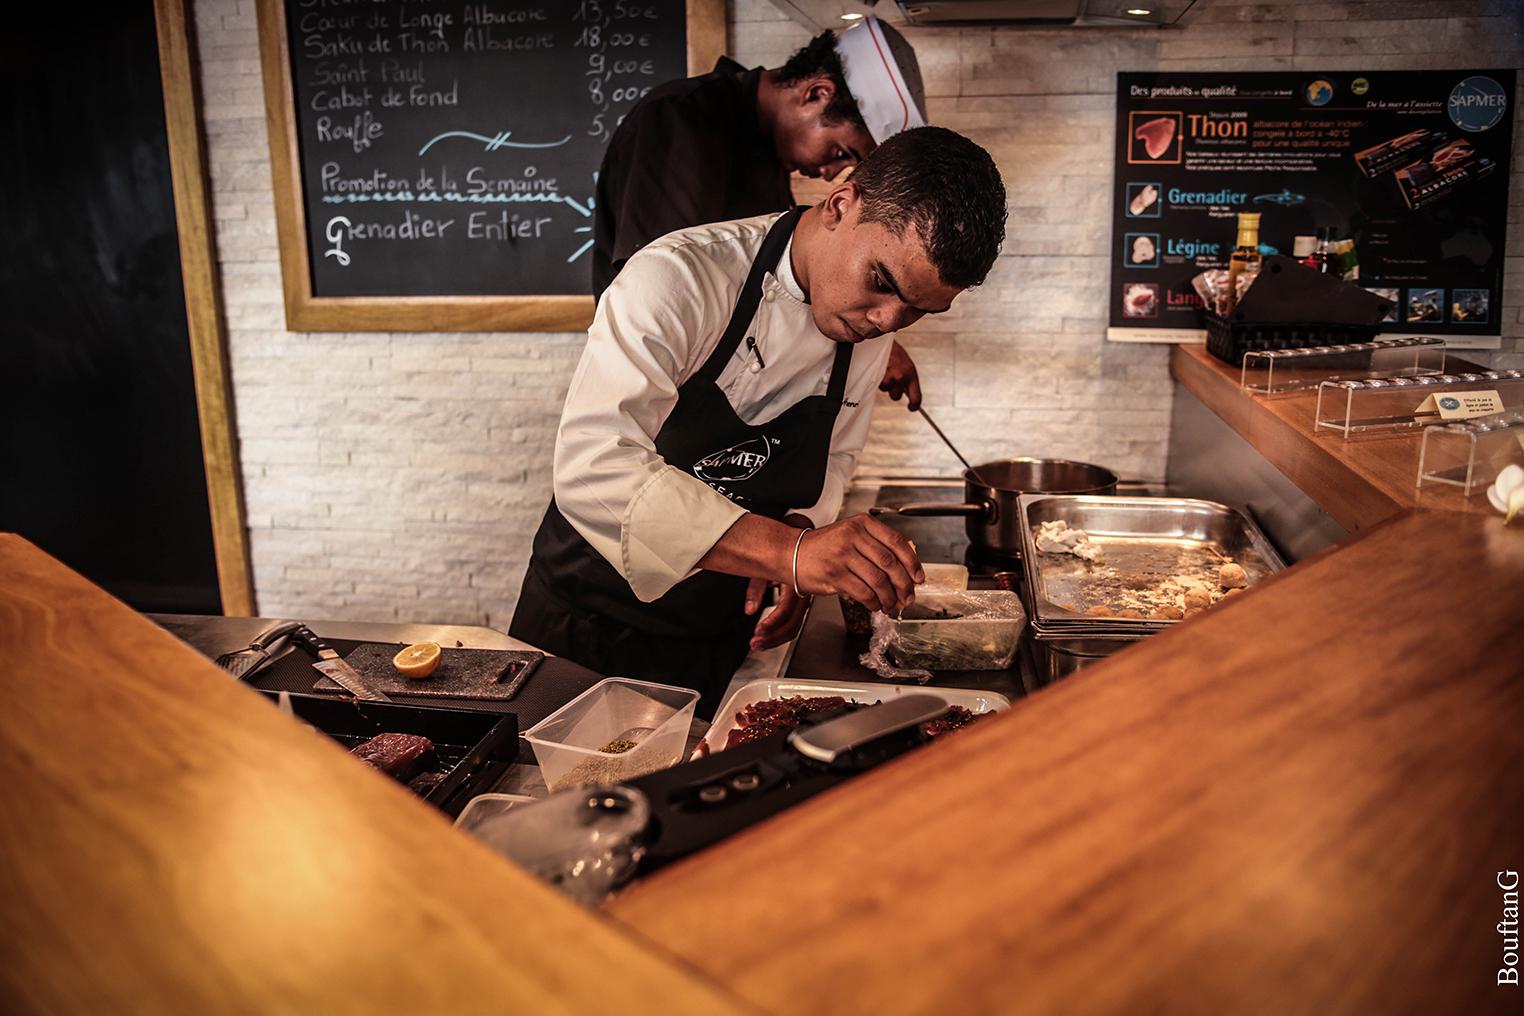 Chief cook Mathieu Henriette Comptoir Sapmer